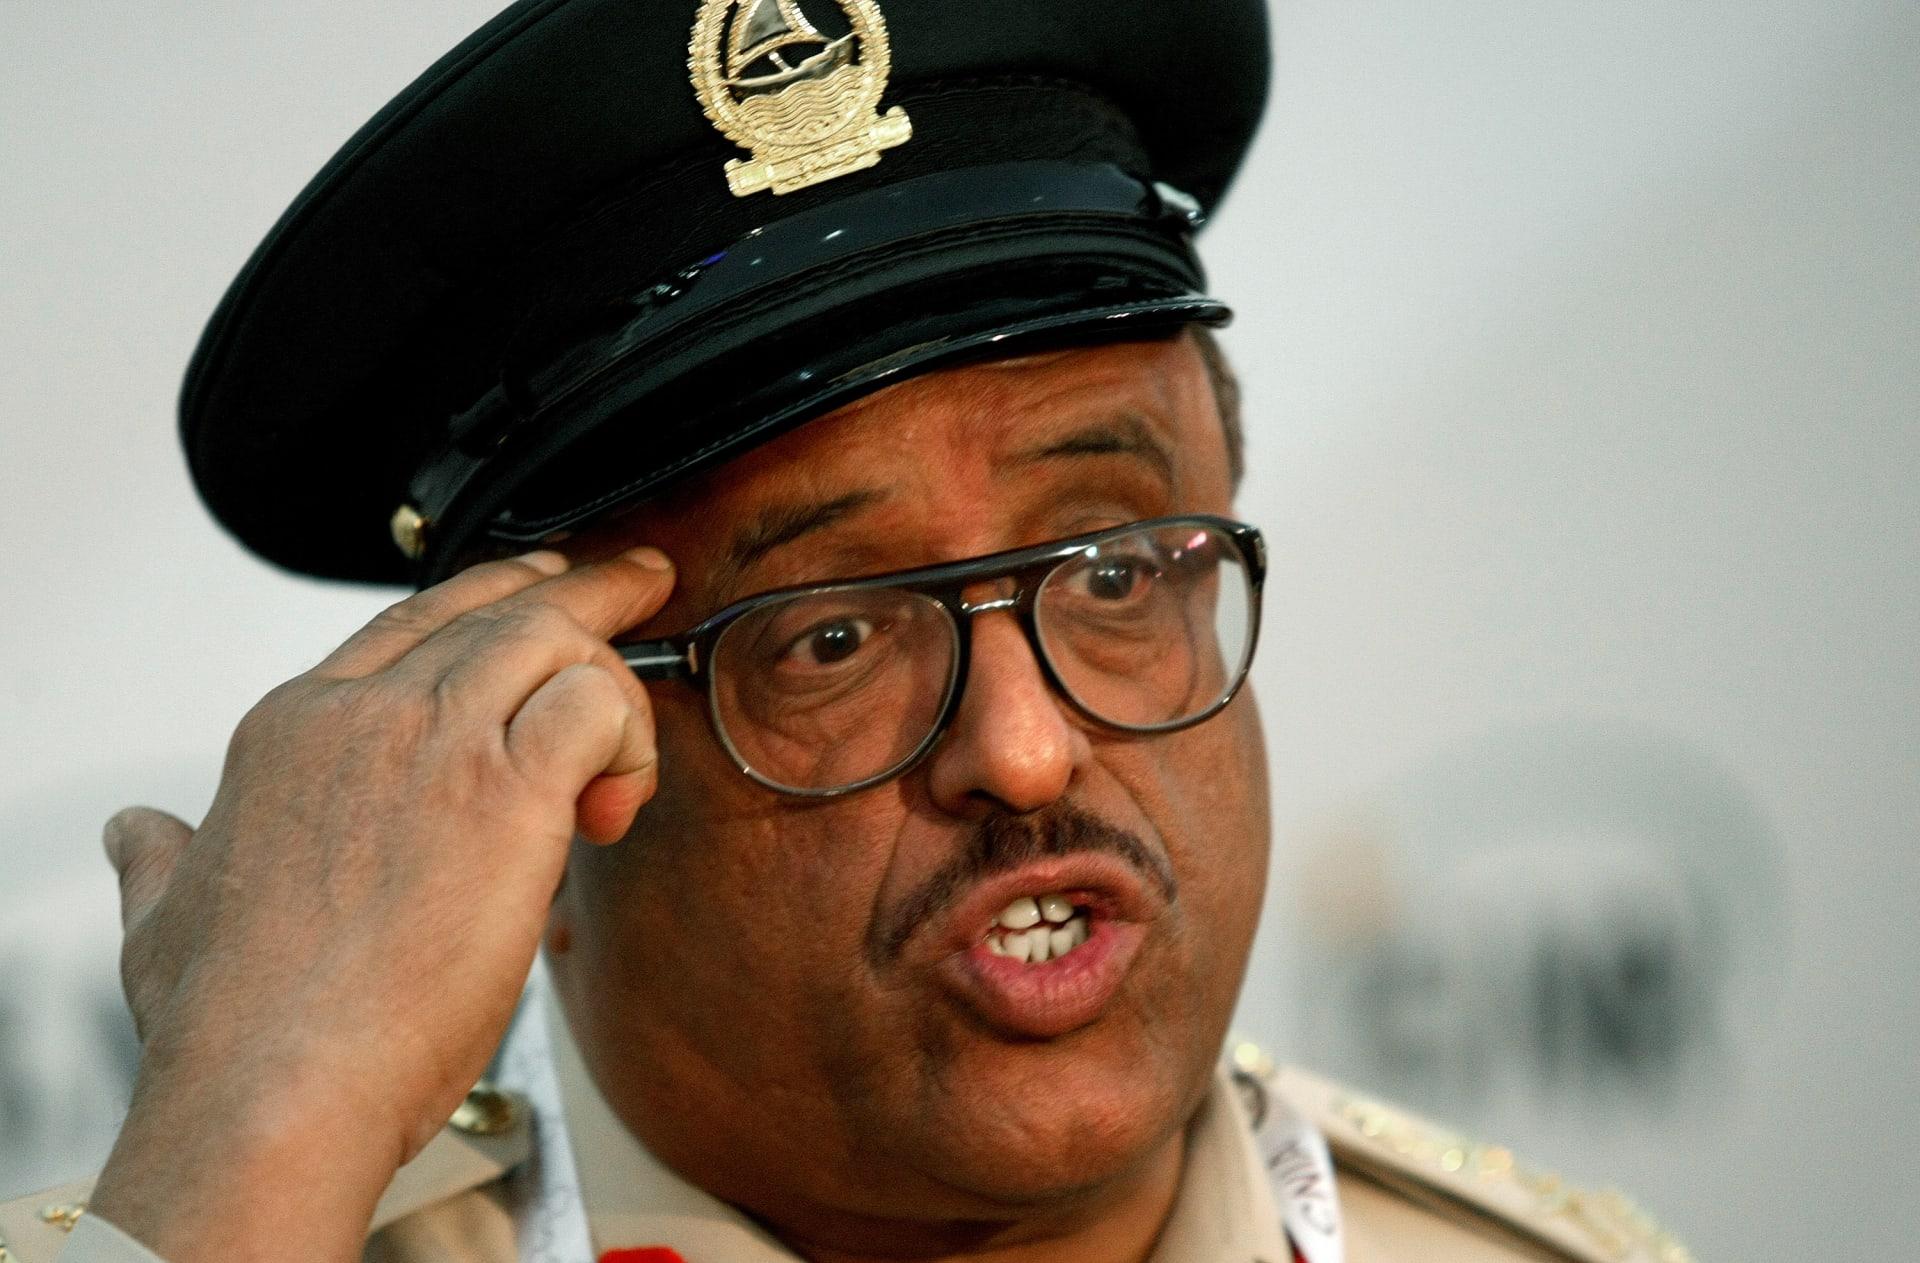 """ضاحي خلفان عن اقتراب مقاتلات قطرية من طائرة إماراتية: أسلوب """"إرهابي"""" جديد"""